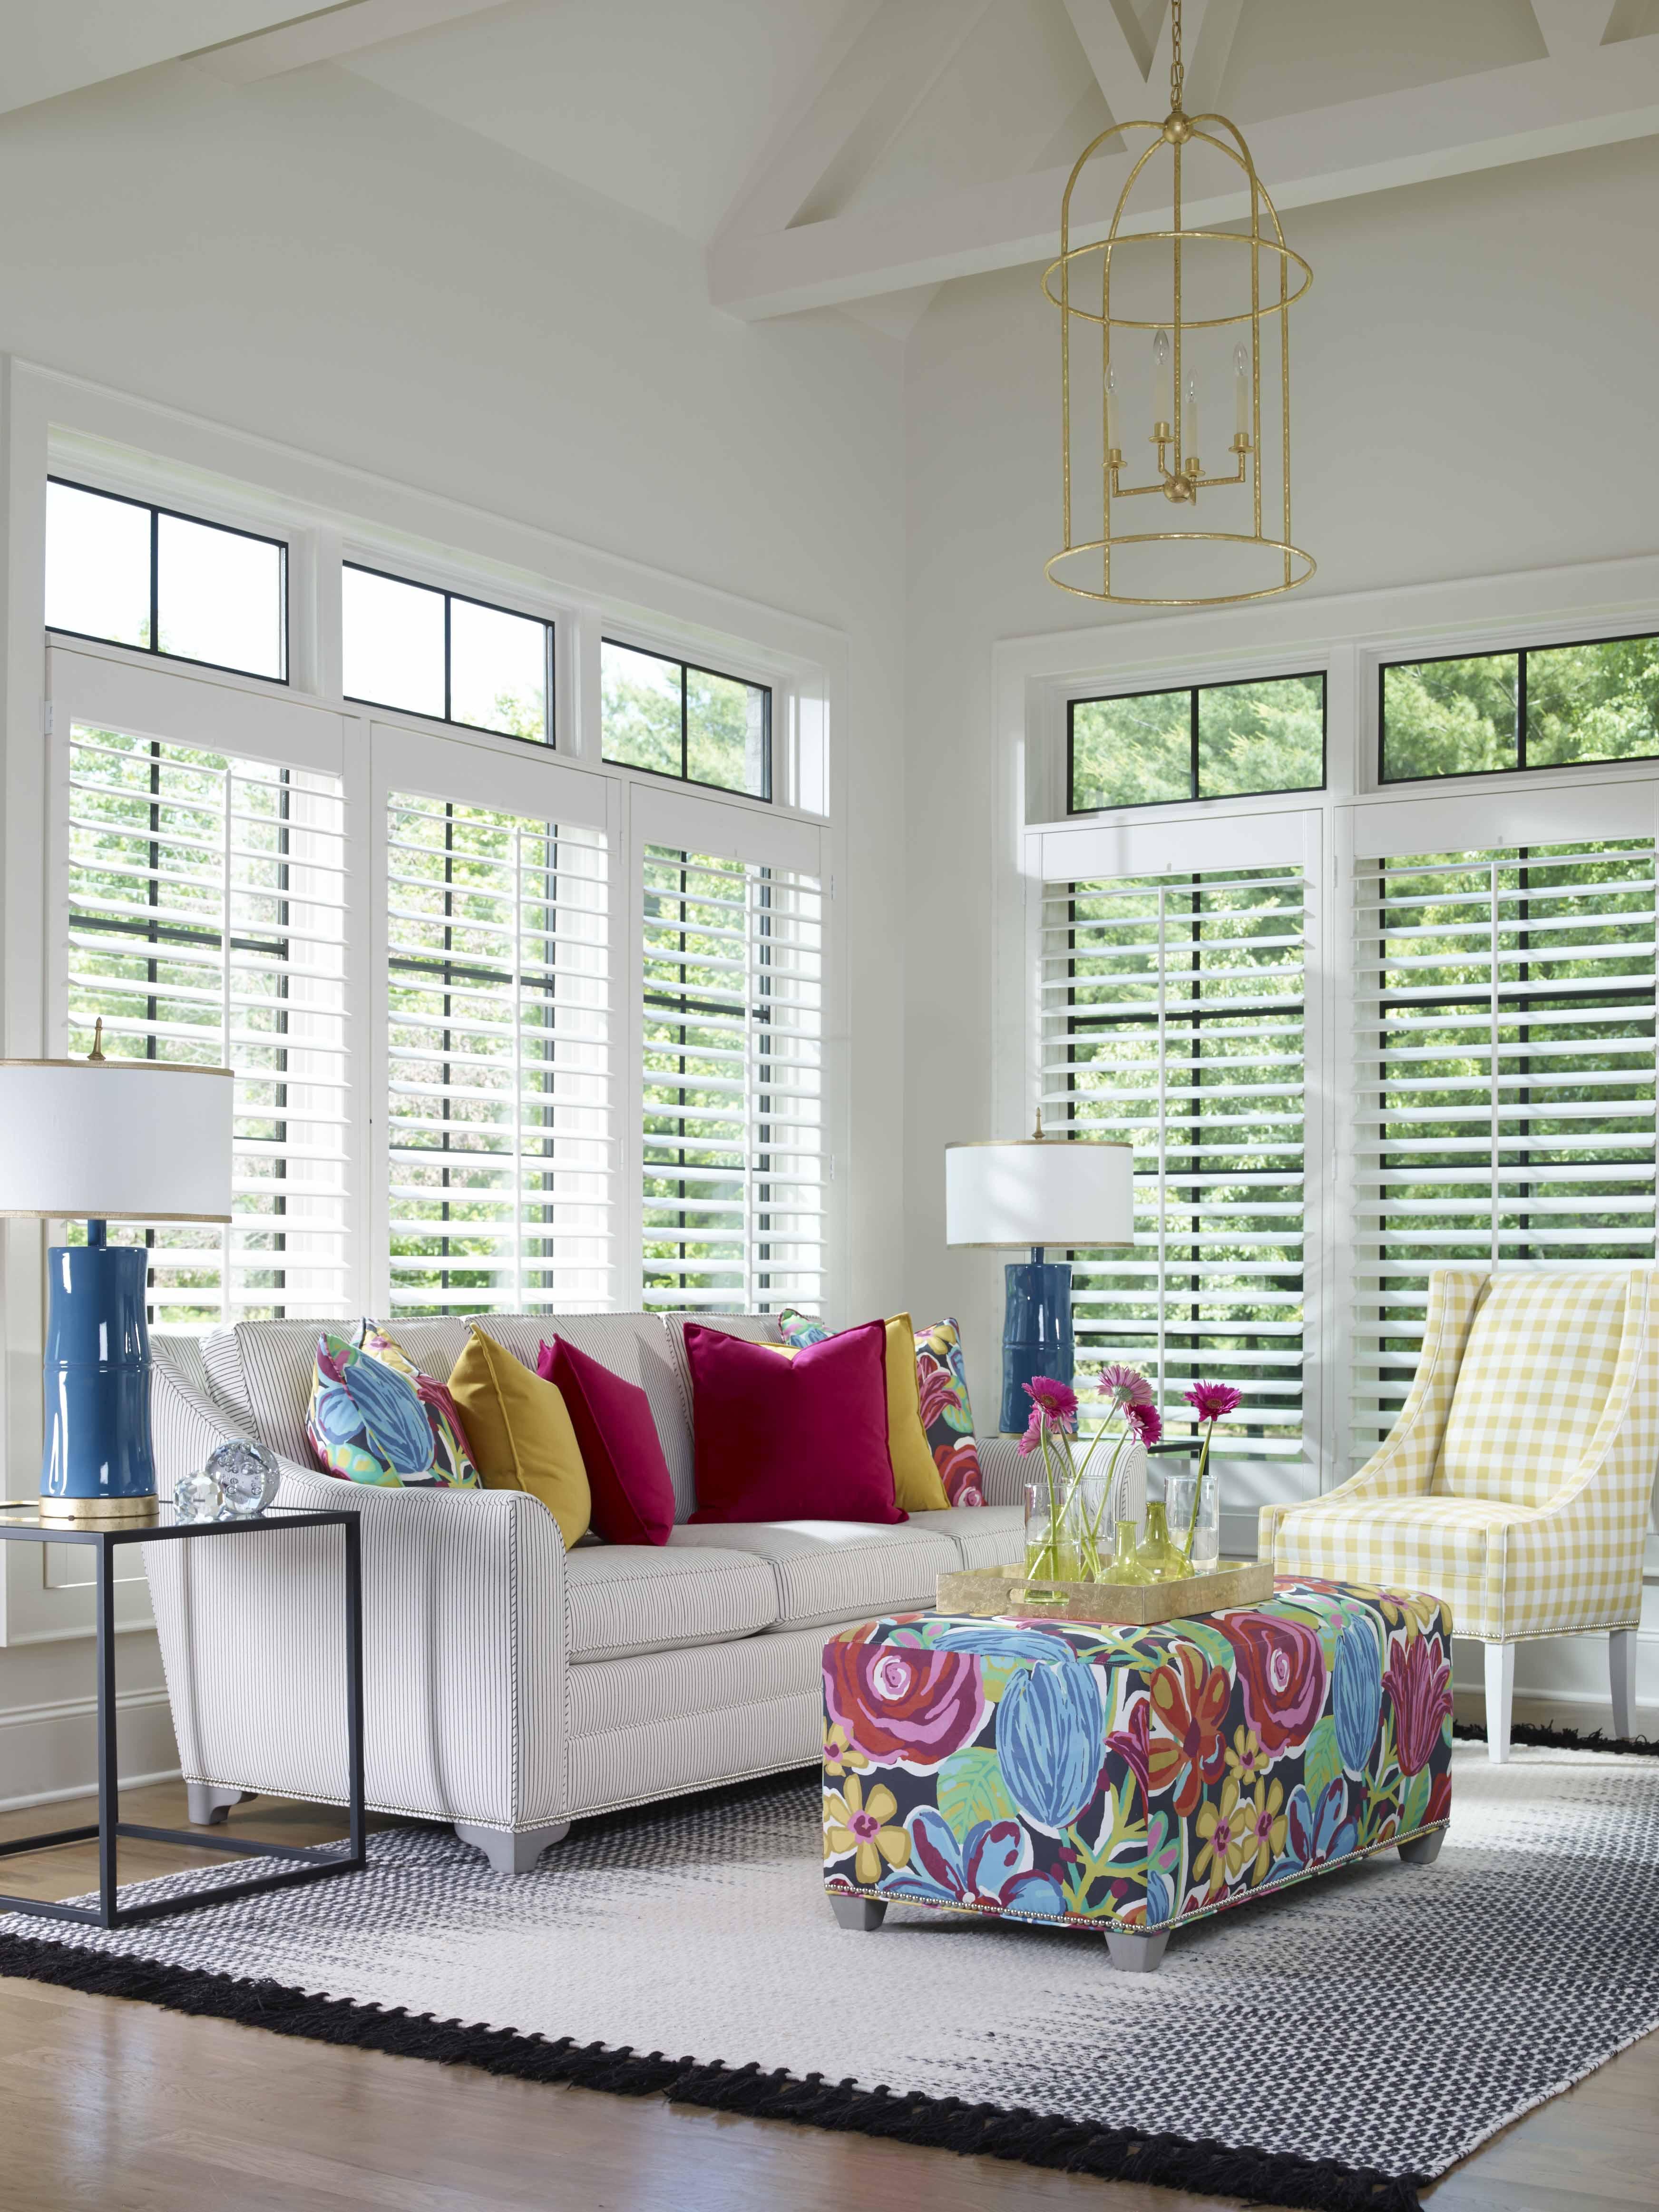 Room Settings American Bungalow Vanguard Furniture